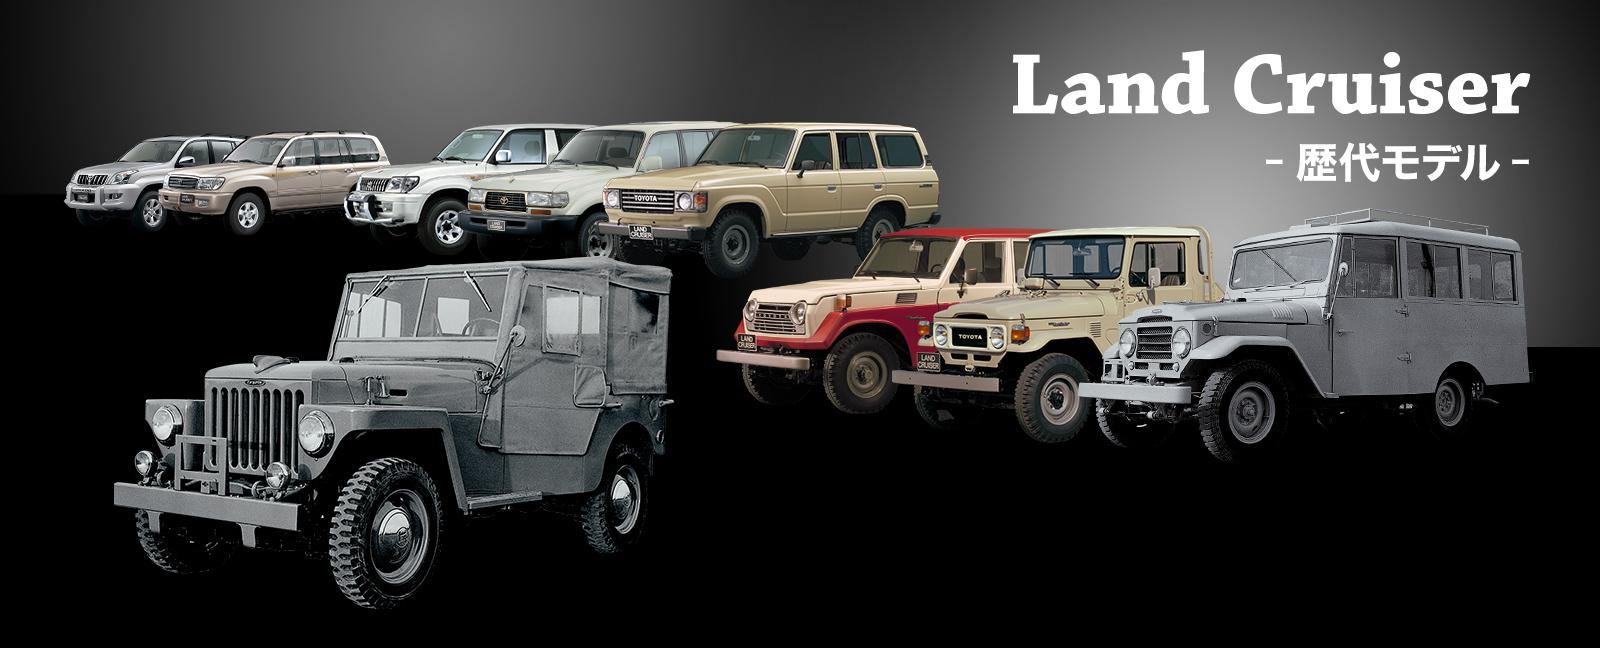 トヨタ | 名車ギャラリー | ランドクルーザー | 歴代モデル